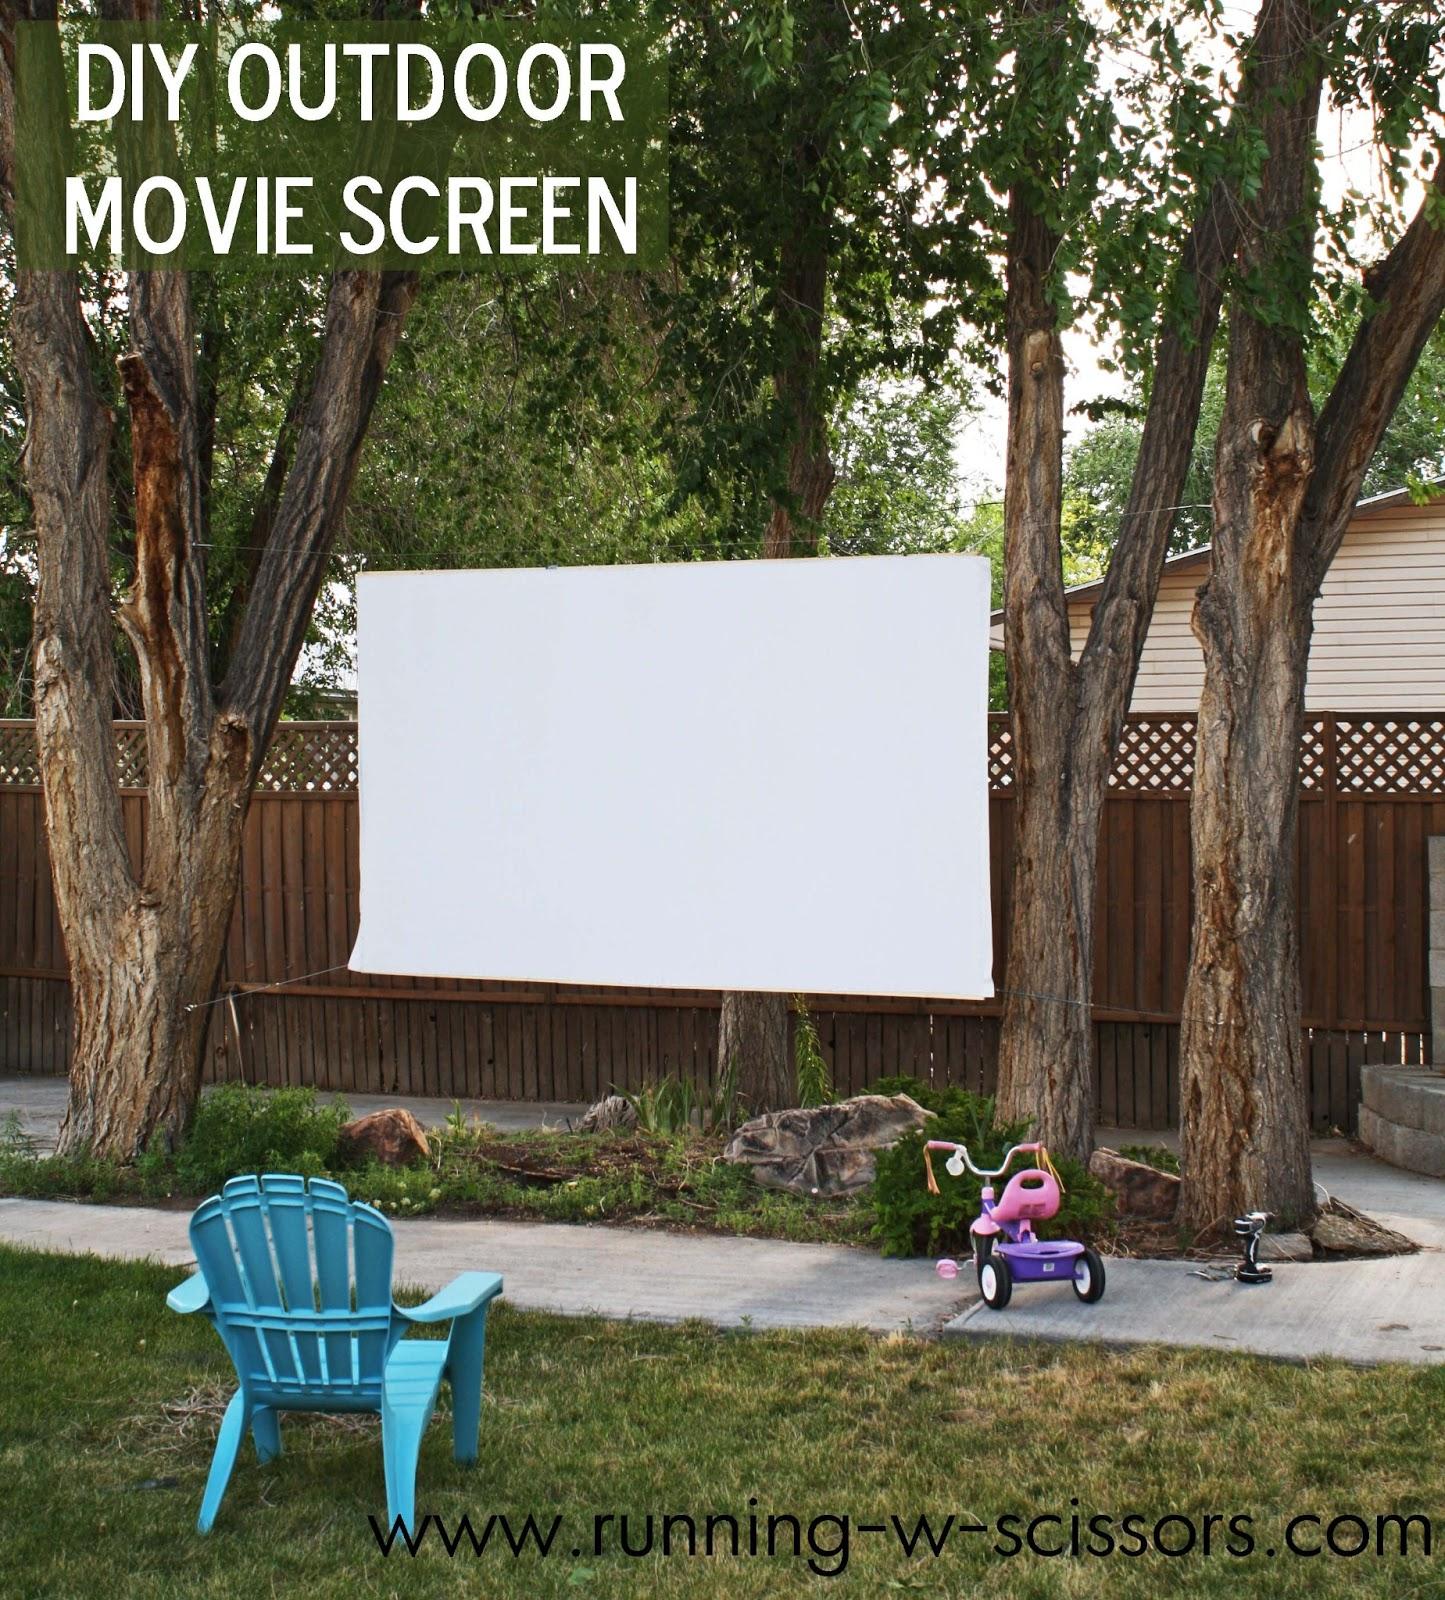 running with scissors diy outdoor movie screen